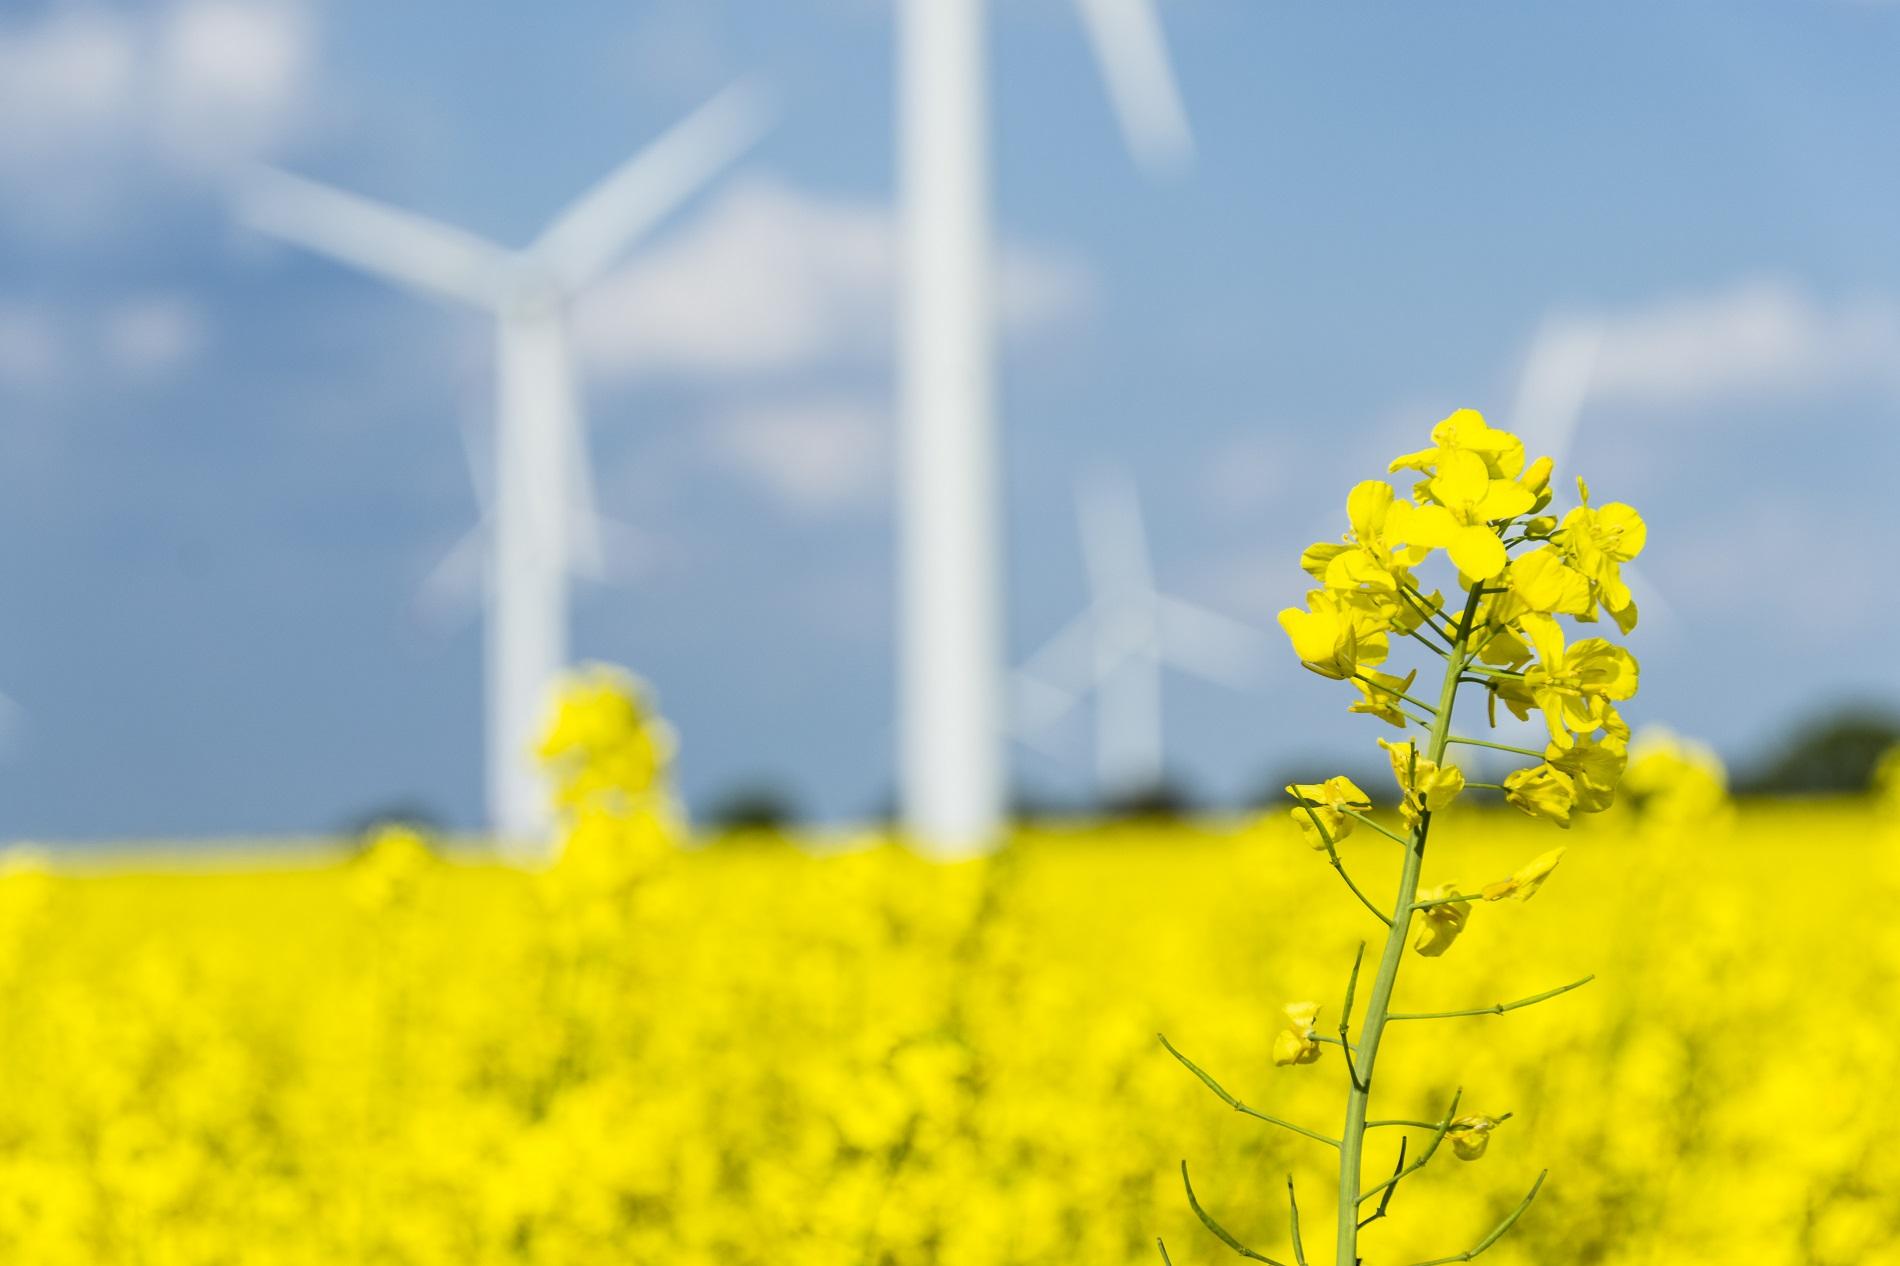 5 medidas sostenibles para contribuir a la reducción de emisiones en tu actividad agrícola